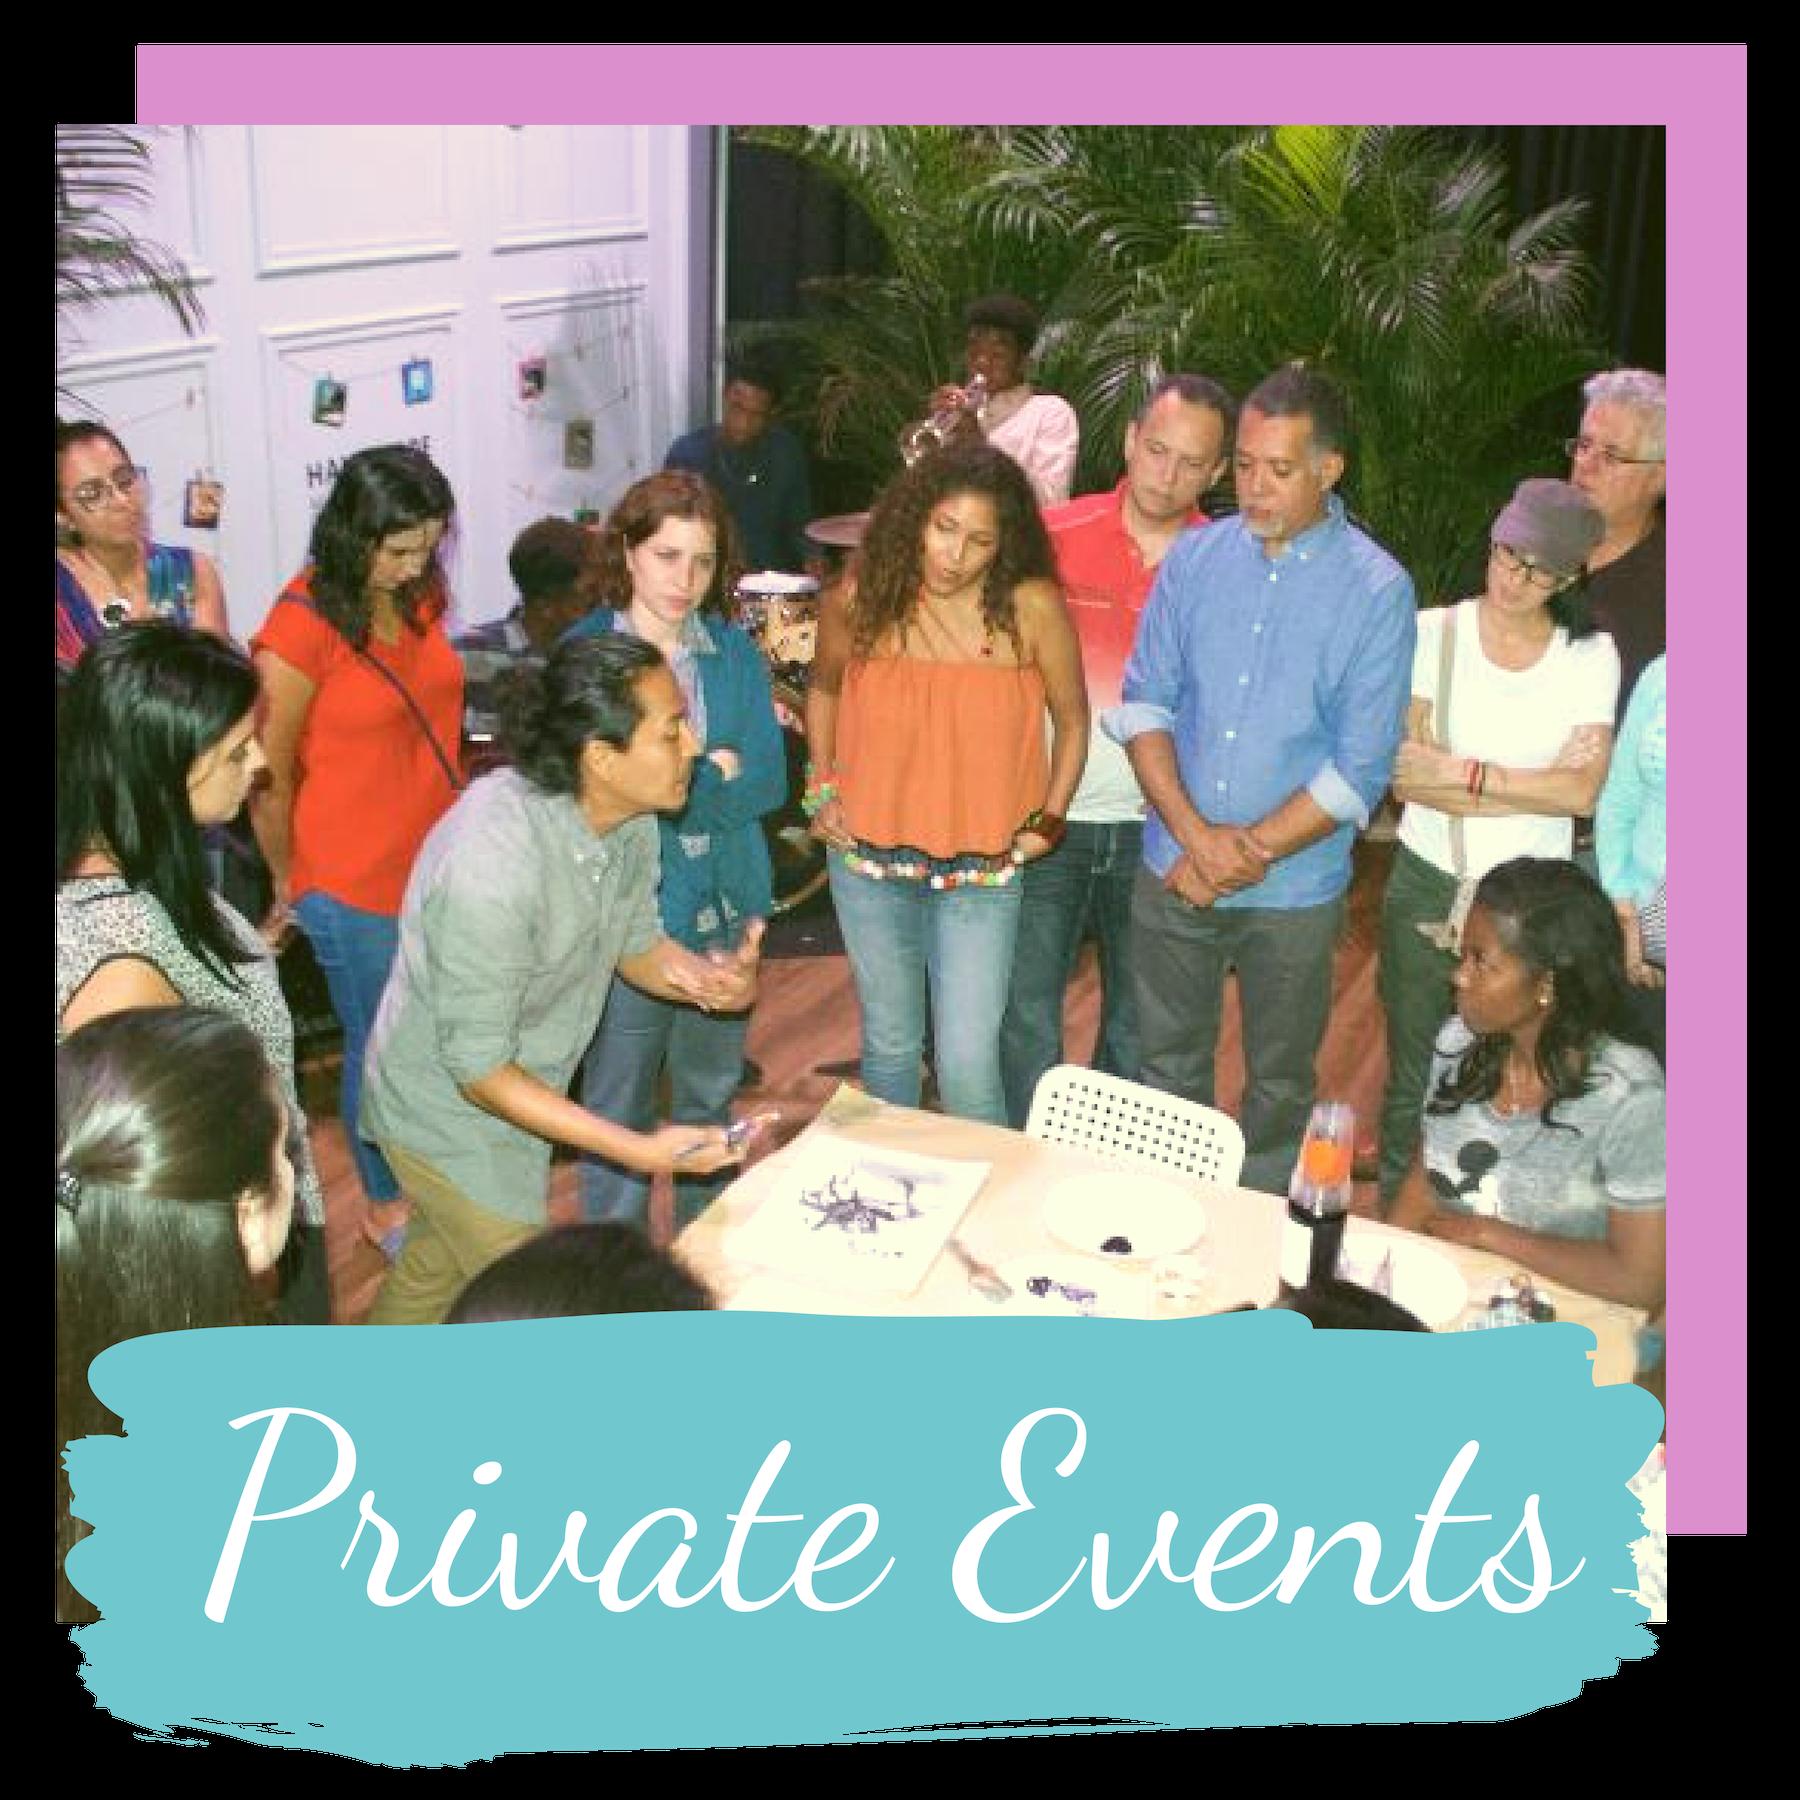 art-box-miami-private-events.png